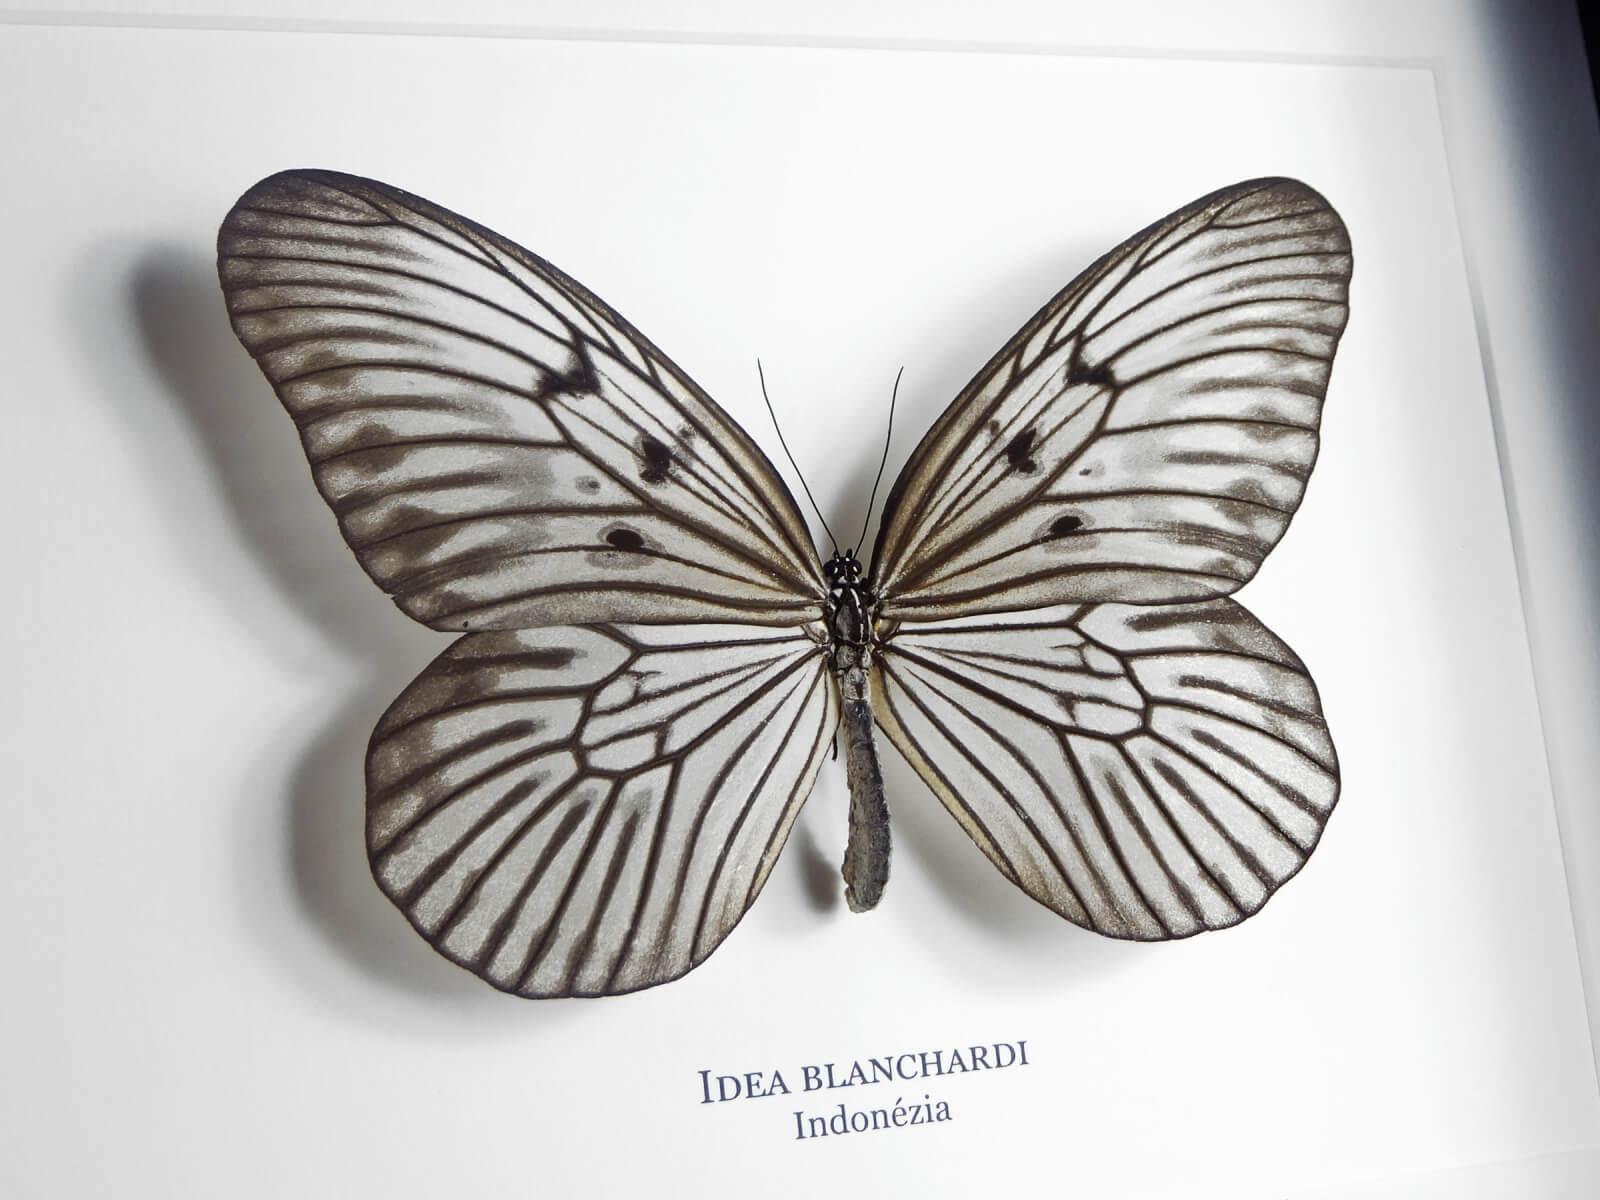 Idea blanchardi, fekete keretben | #1931